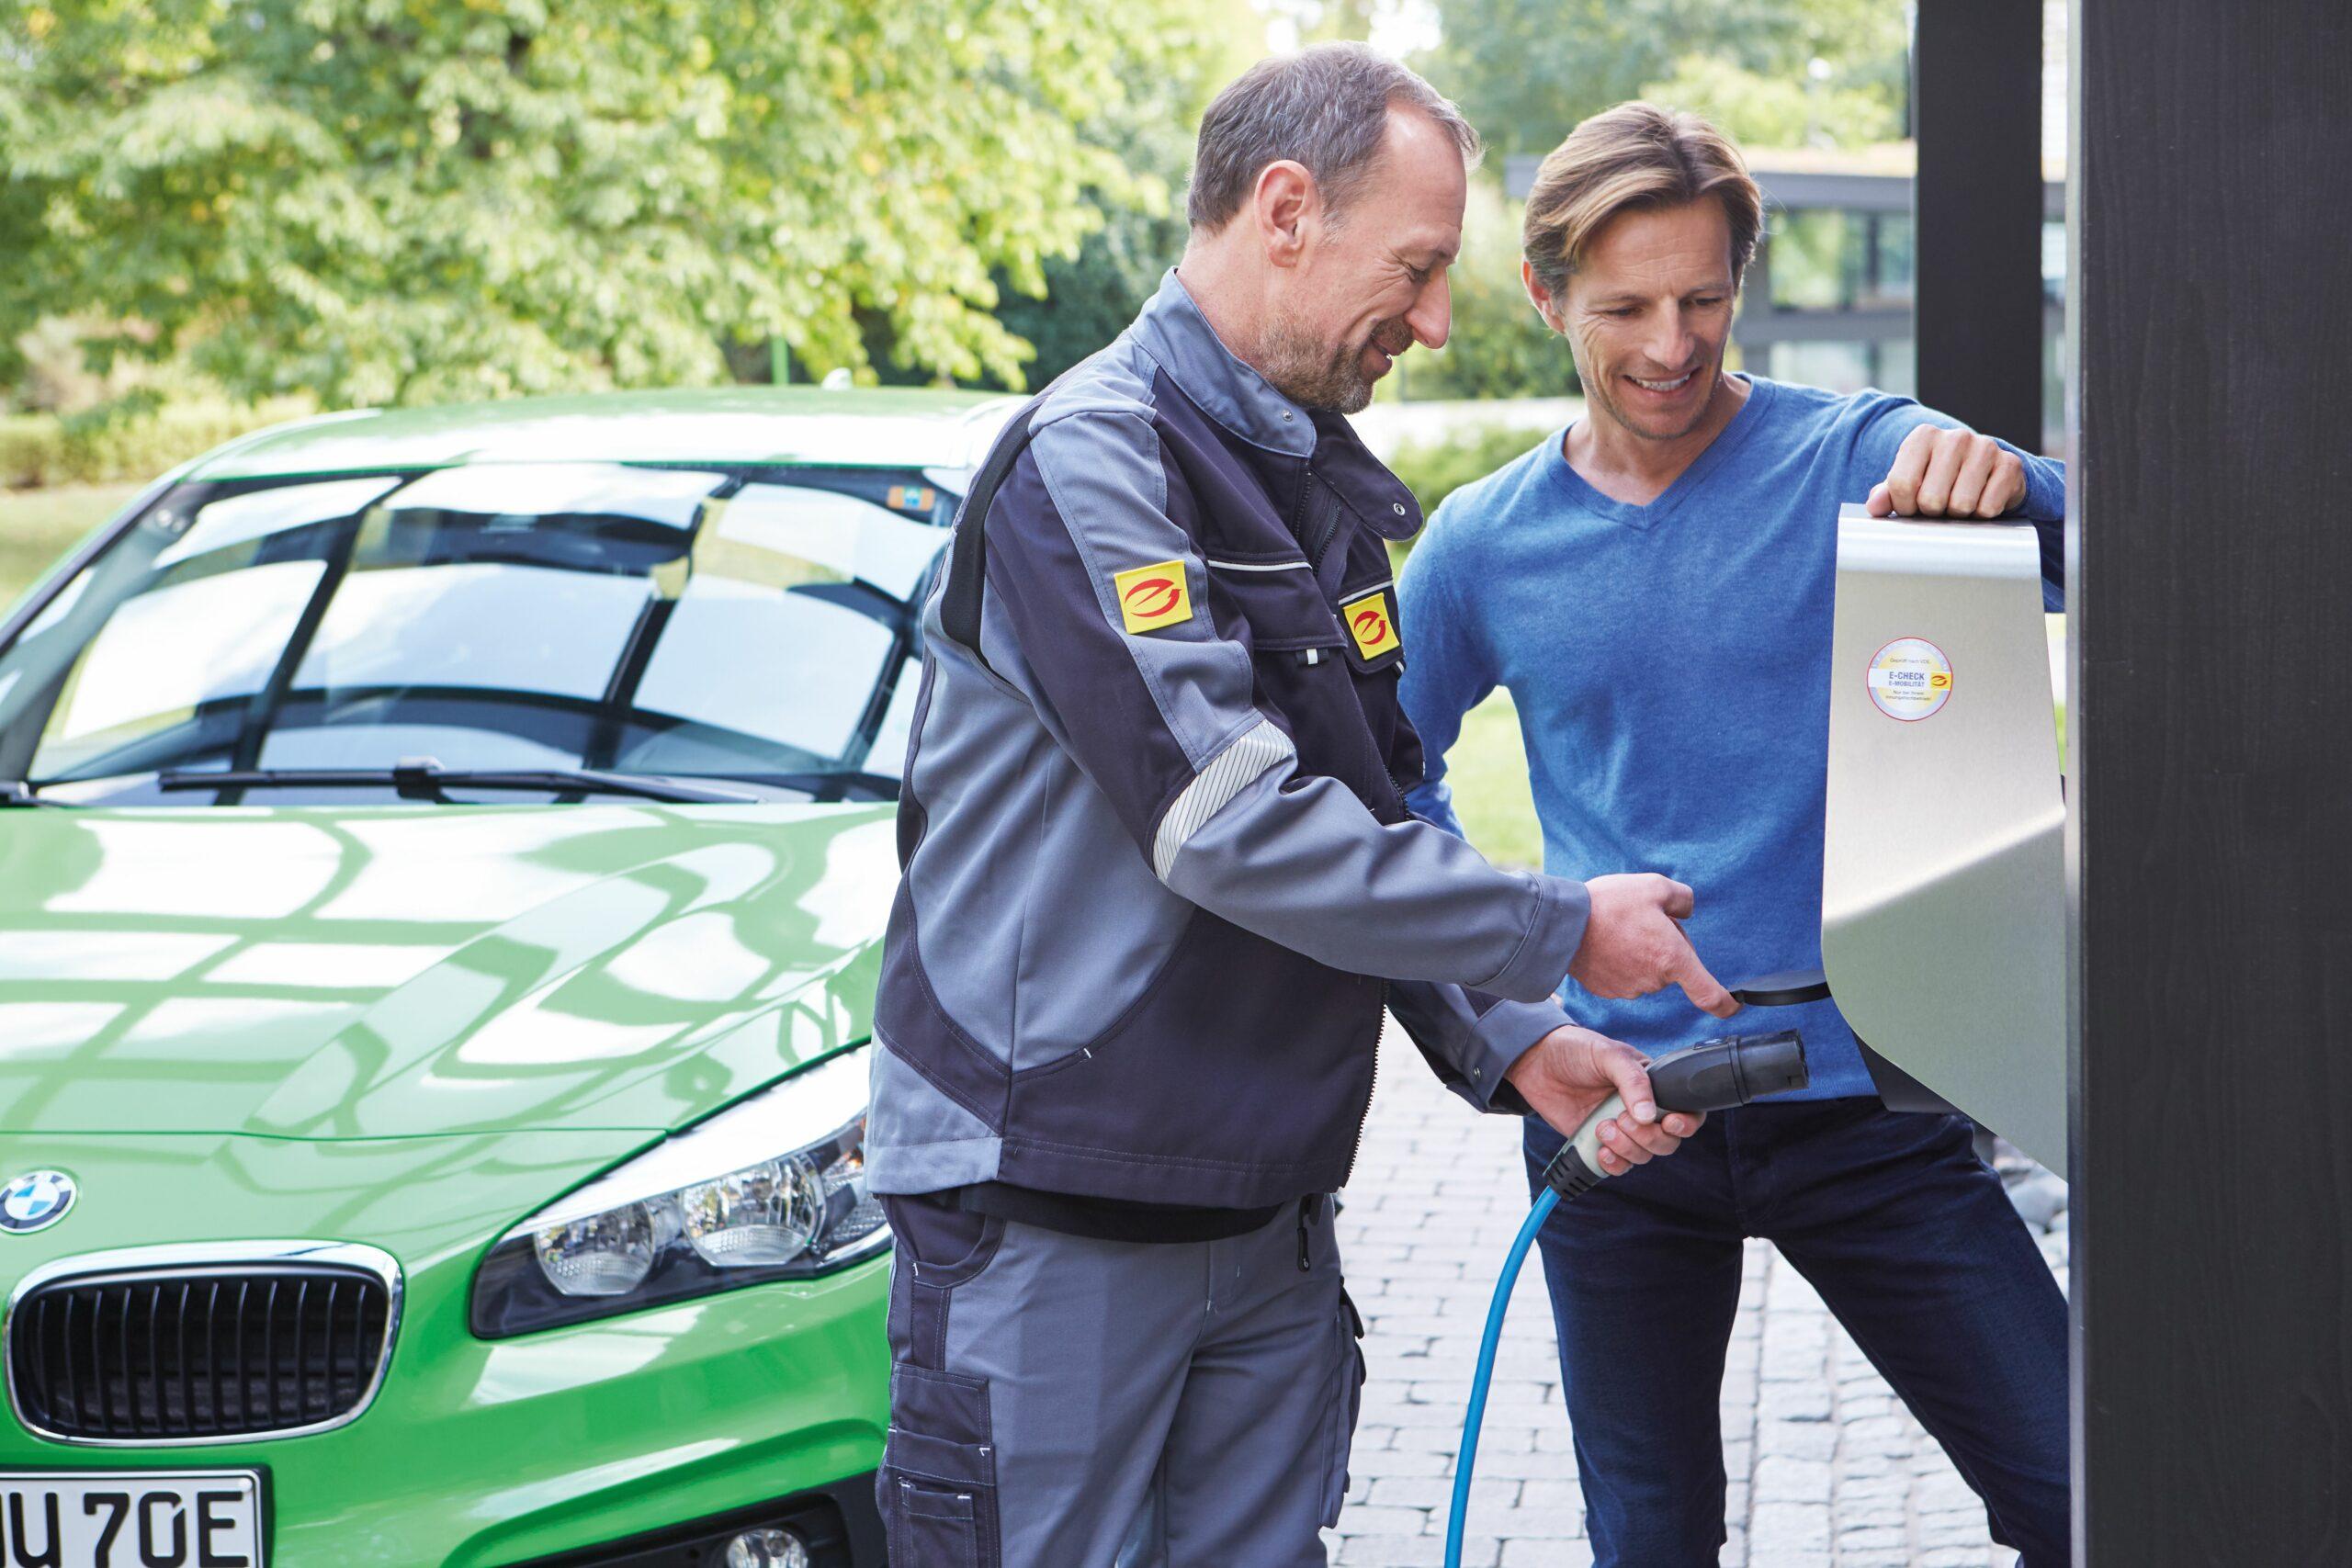 Elektrofachmann erklärt dem Kunden die E-Ladestation